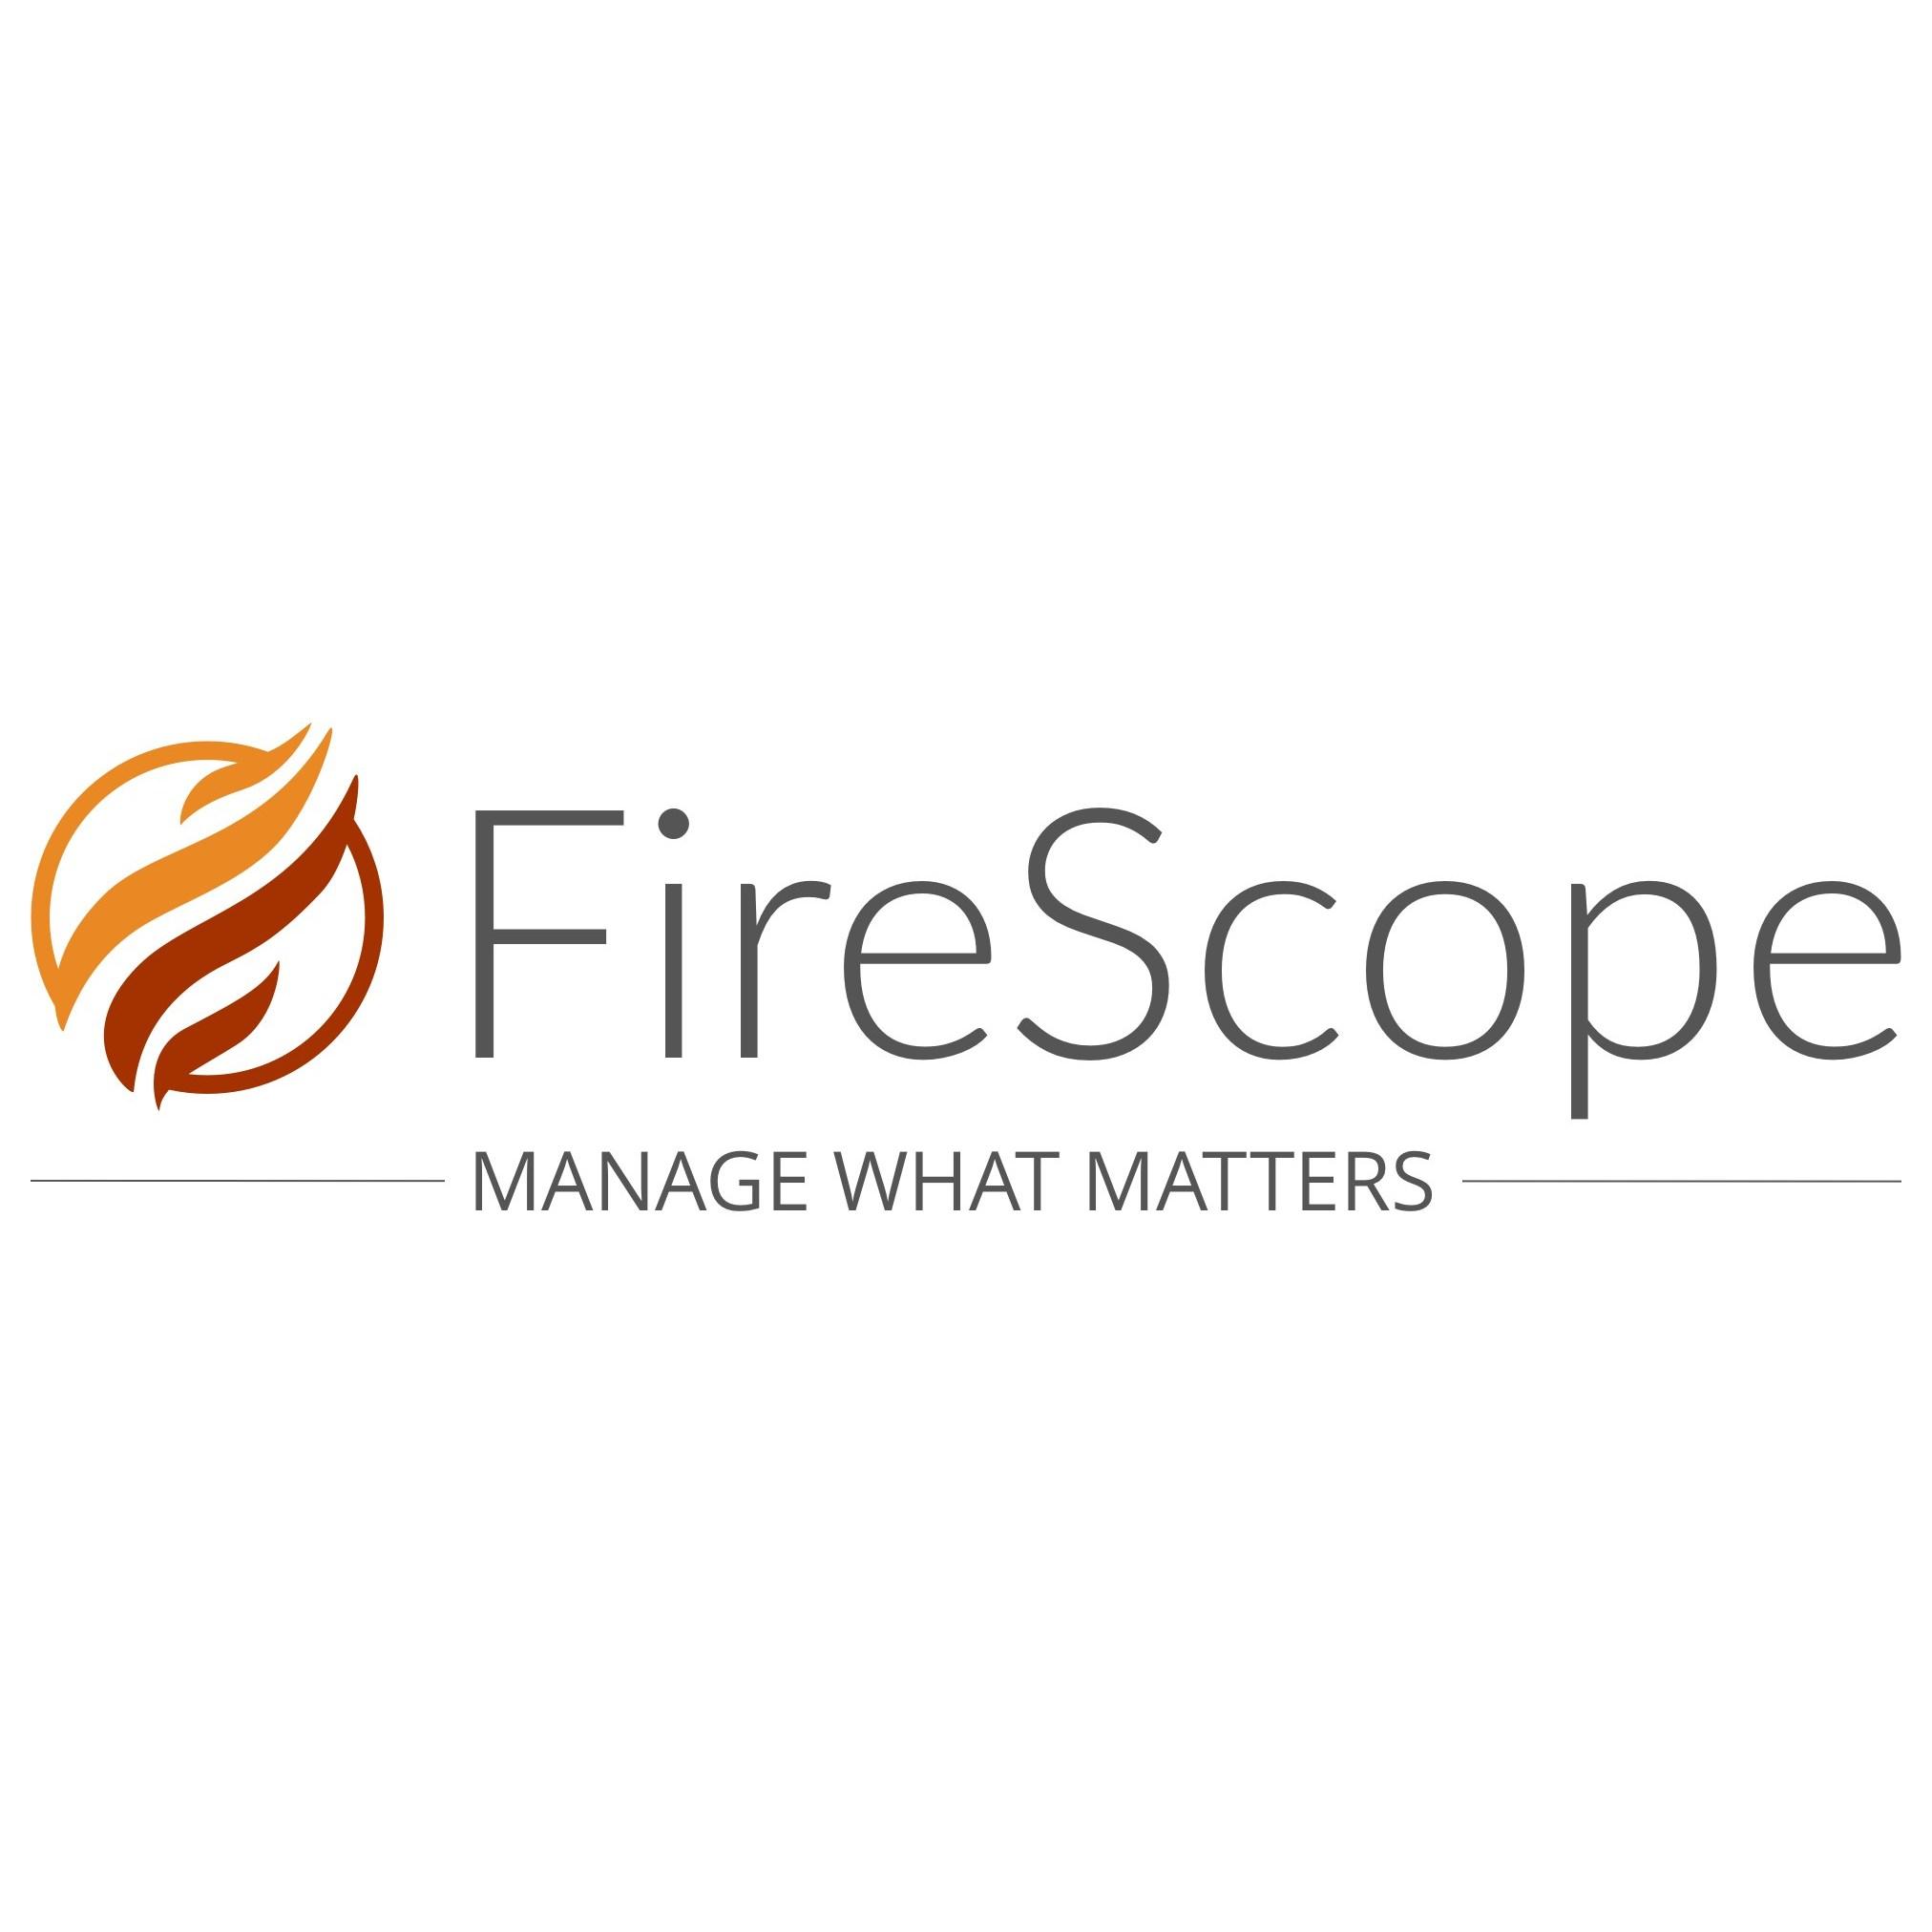 Firescope Partner